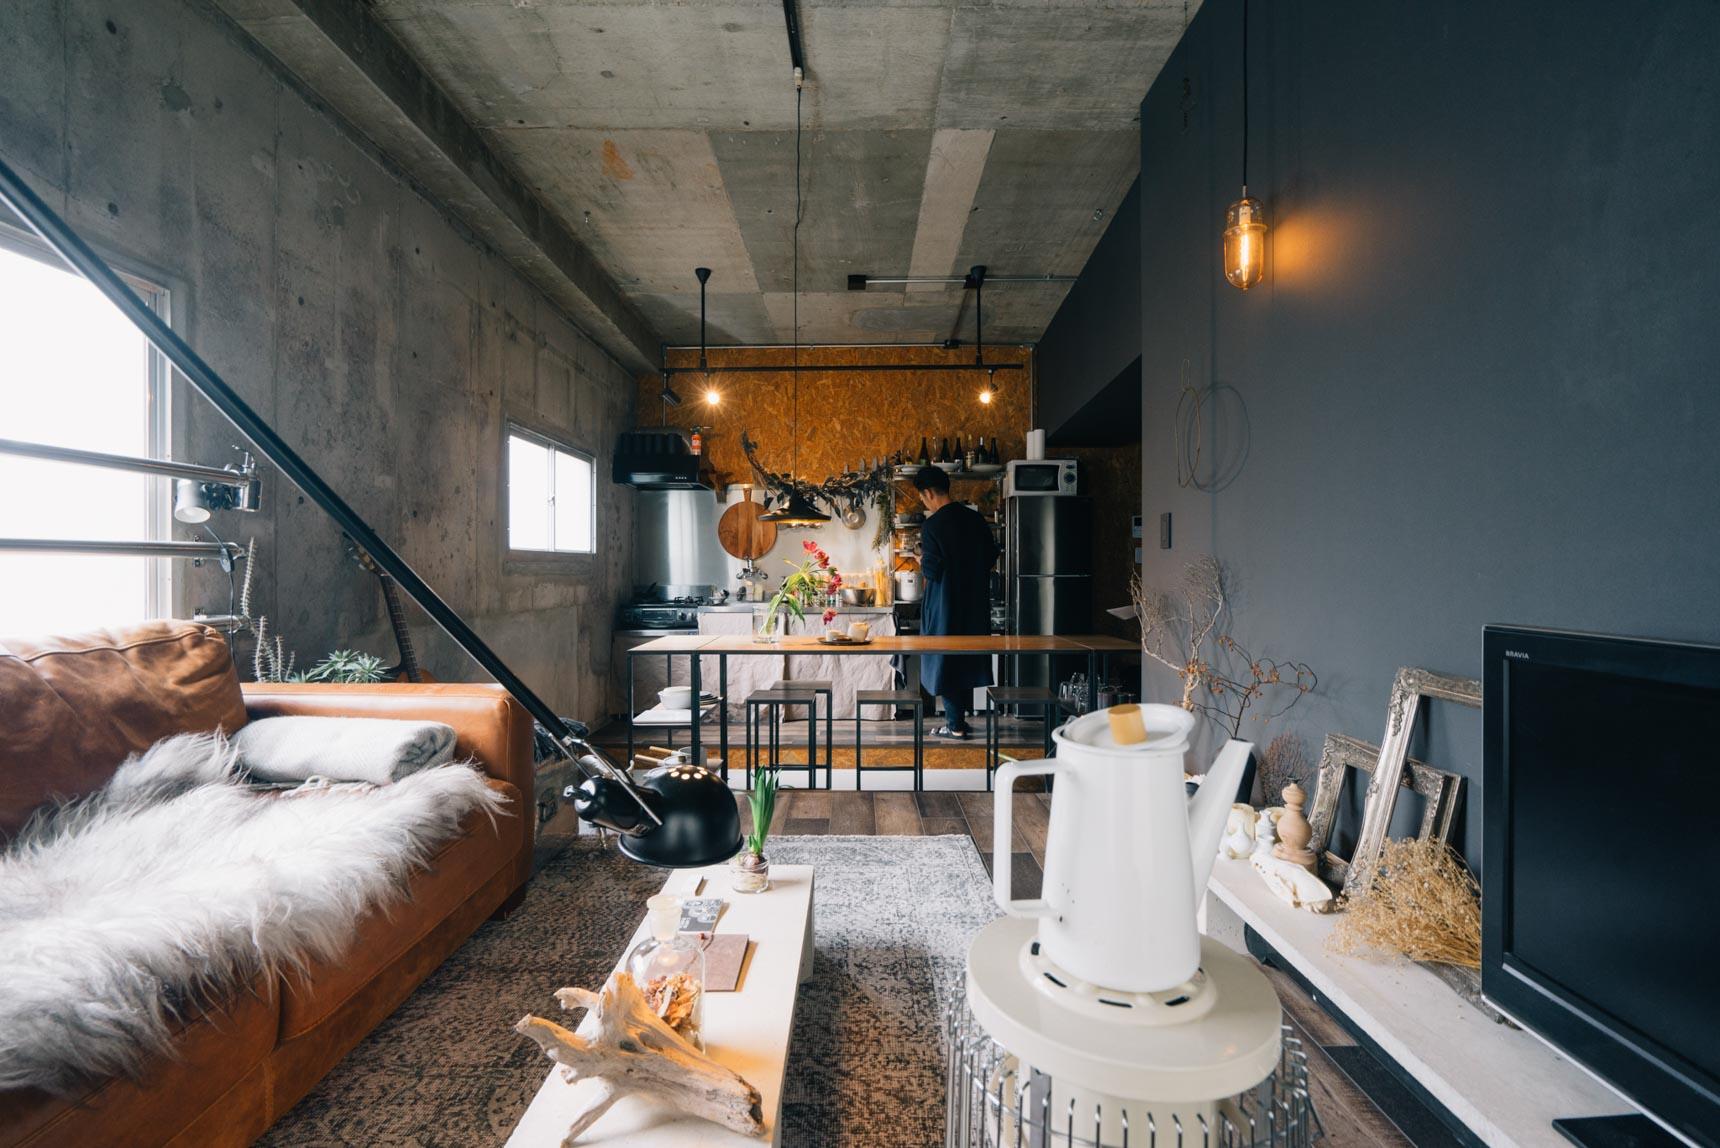 天井が高く、コンクリート打ちっ放しの壁がむき出しの、リノベーション賃貸に住む方の事例。